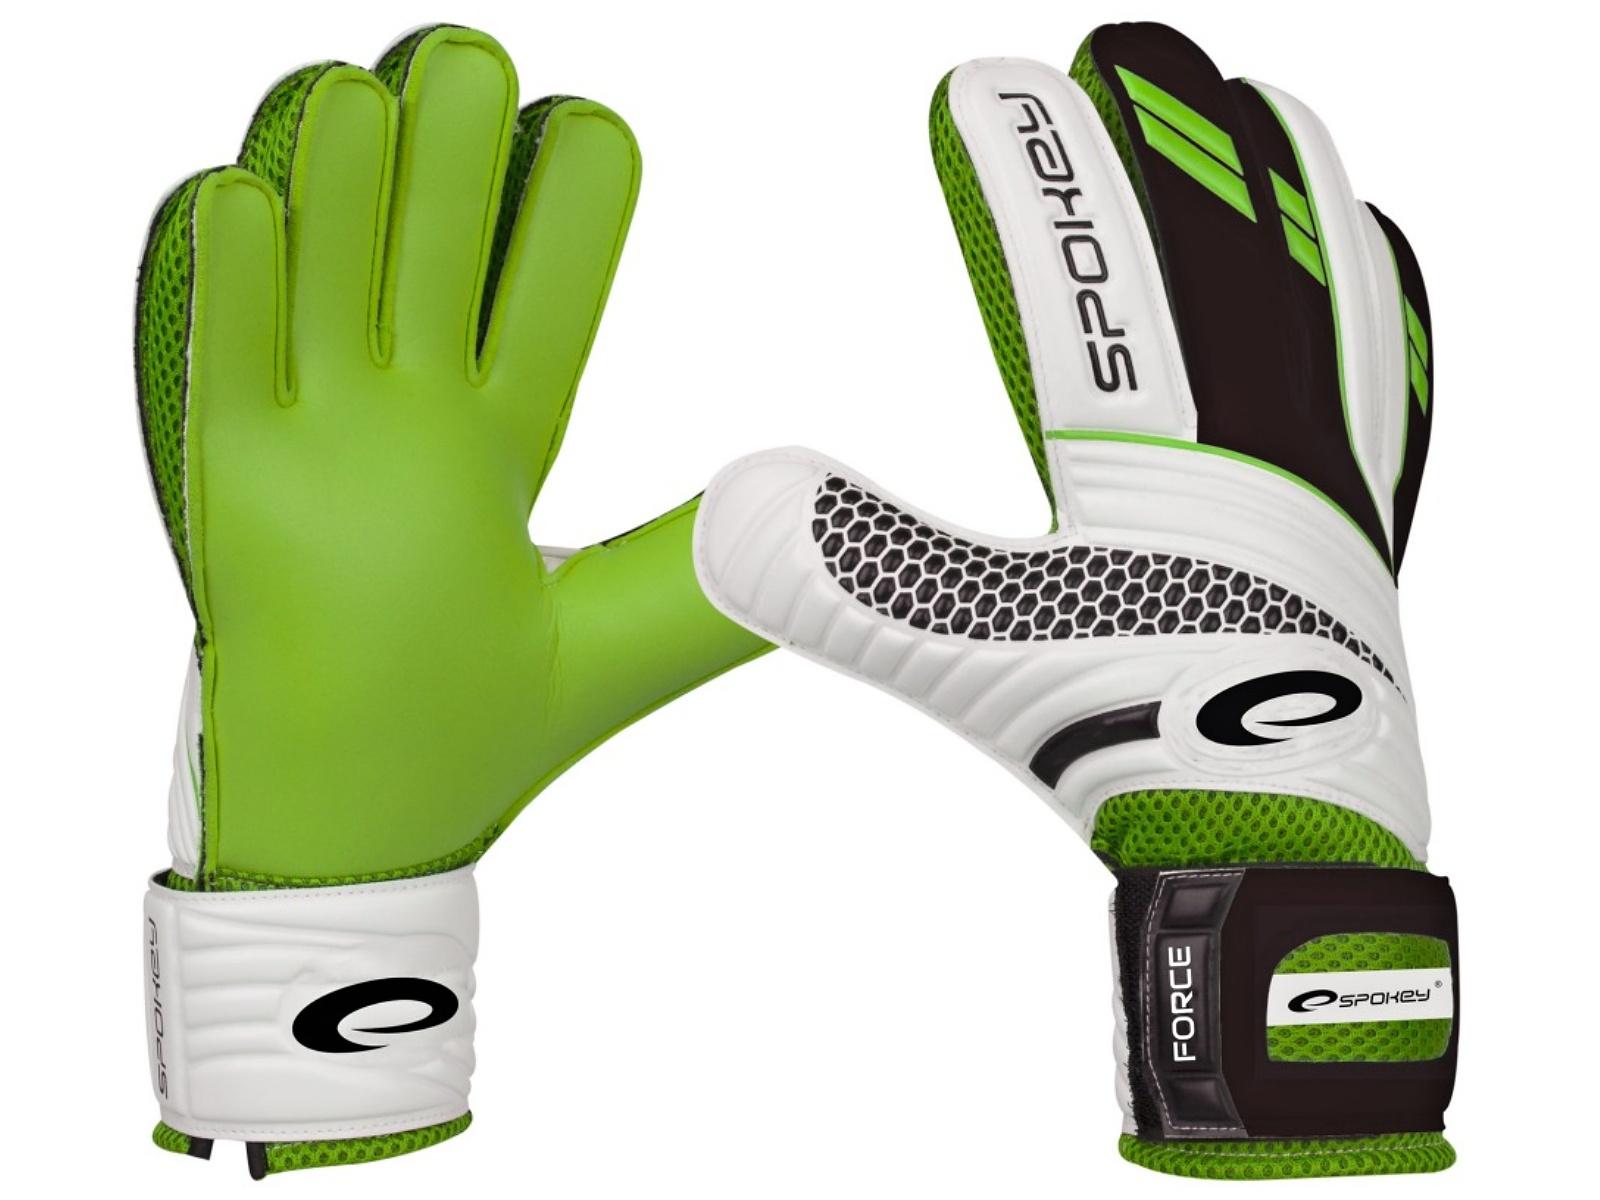 Brankářské rukavice SPOKEY Force 7 zelené